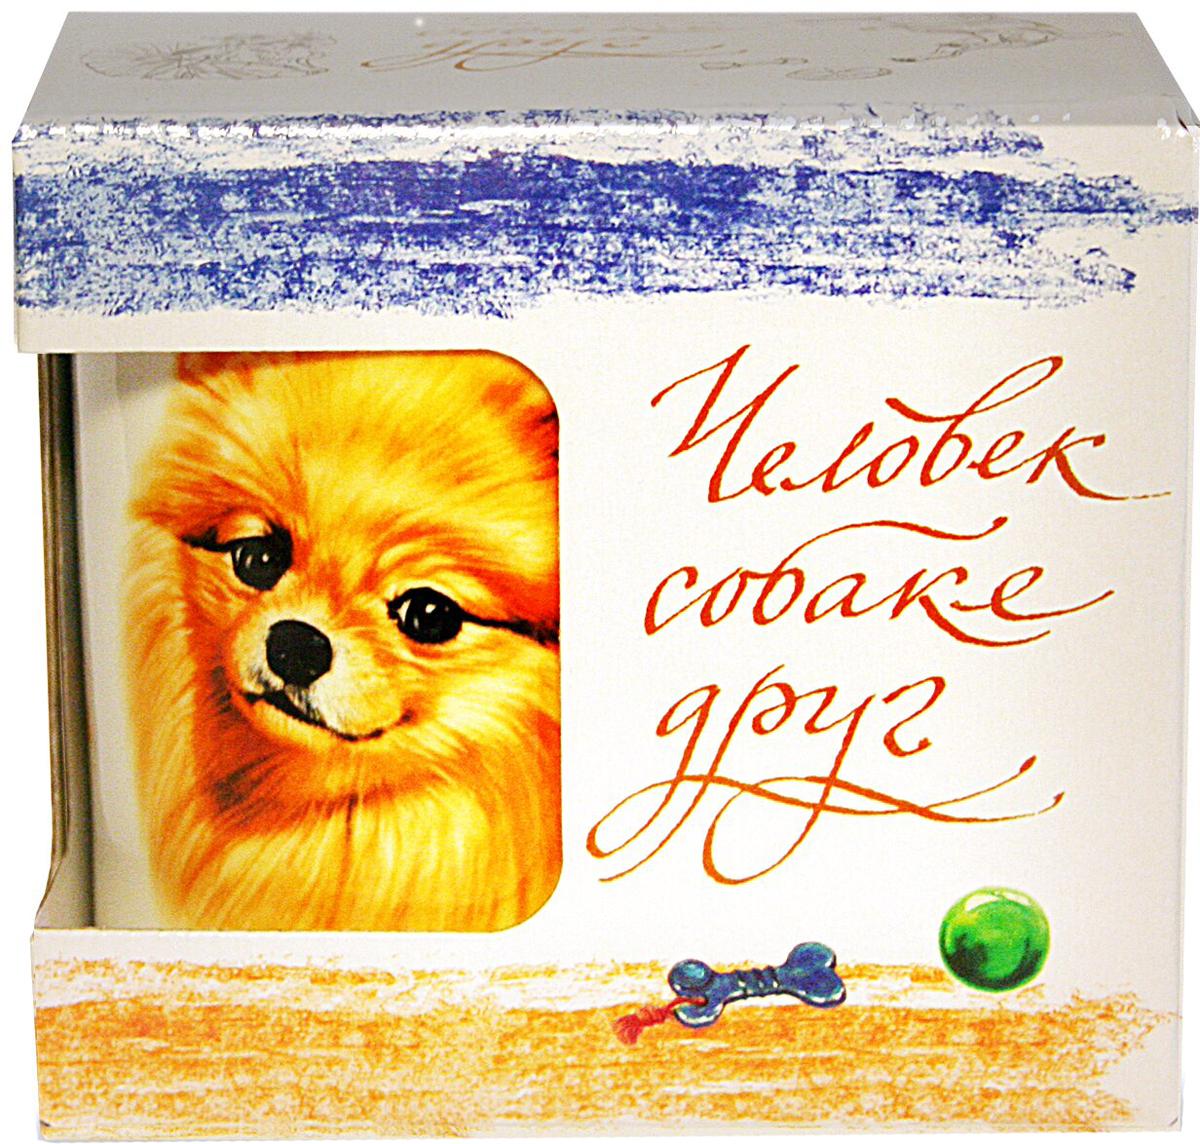 Фото - Кружка PrioritY Человек собаке друг Шпиц 420 мл. в подарочной упаковке кружка priority такса 420 мл